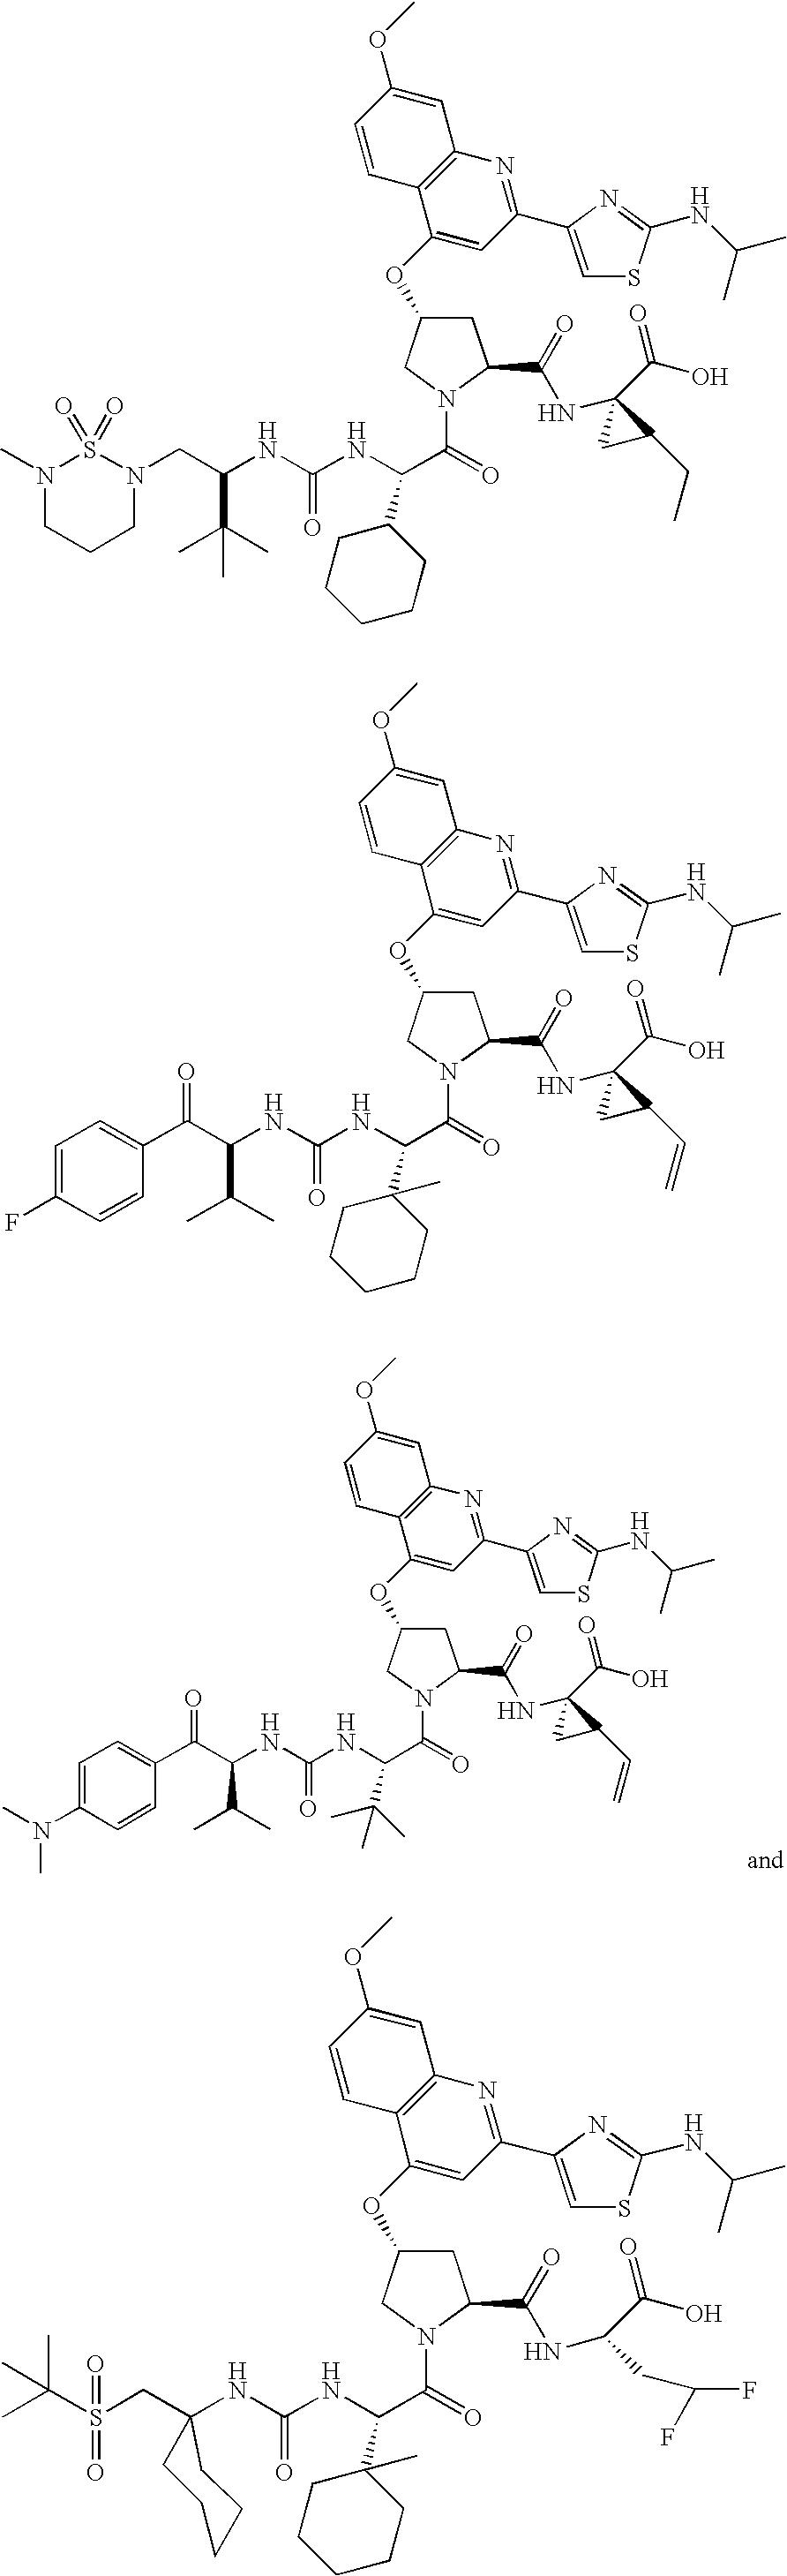 Figure US20060287248A1-20061221-C00192